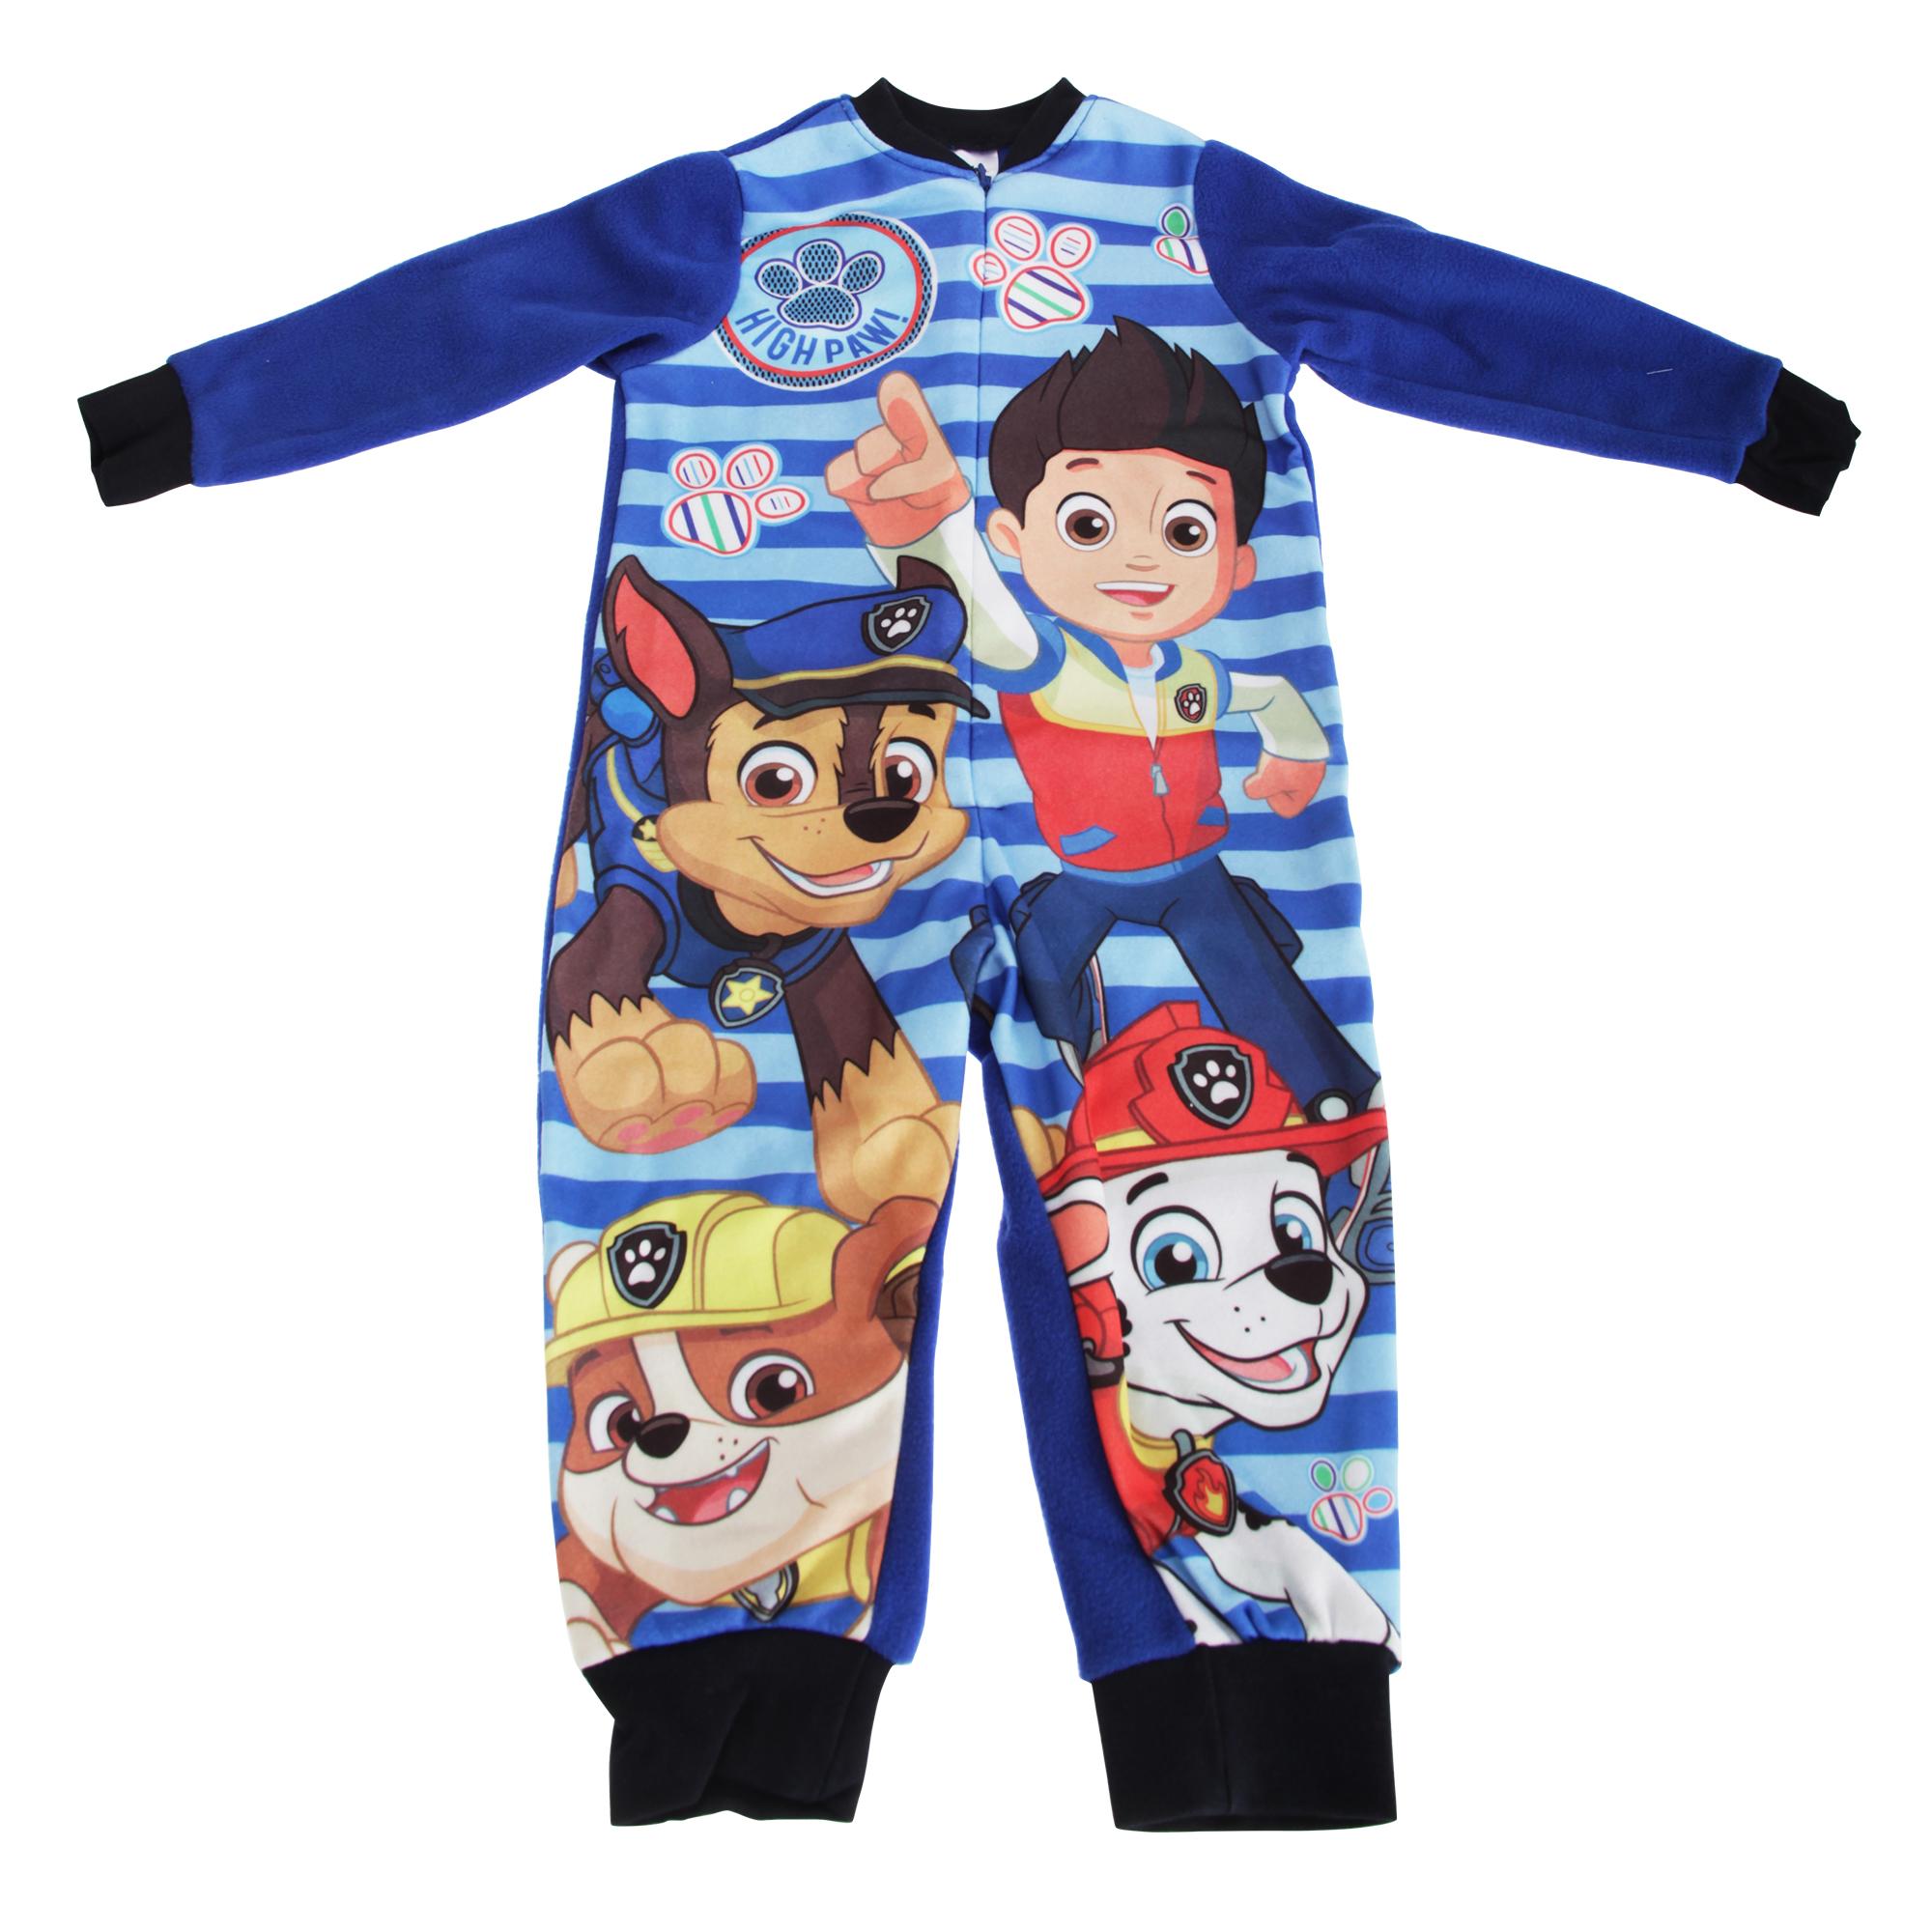 Paw-Patrol-Pijama-mono-de-High-Paw-para-nino-N1111